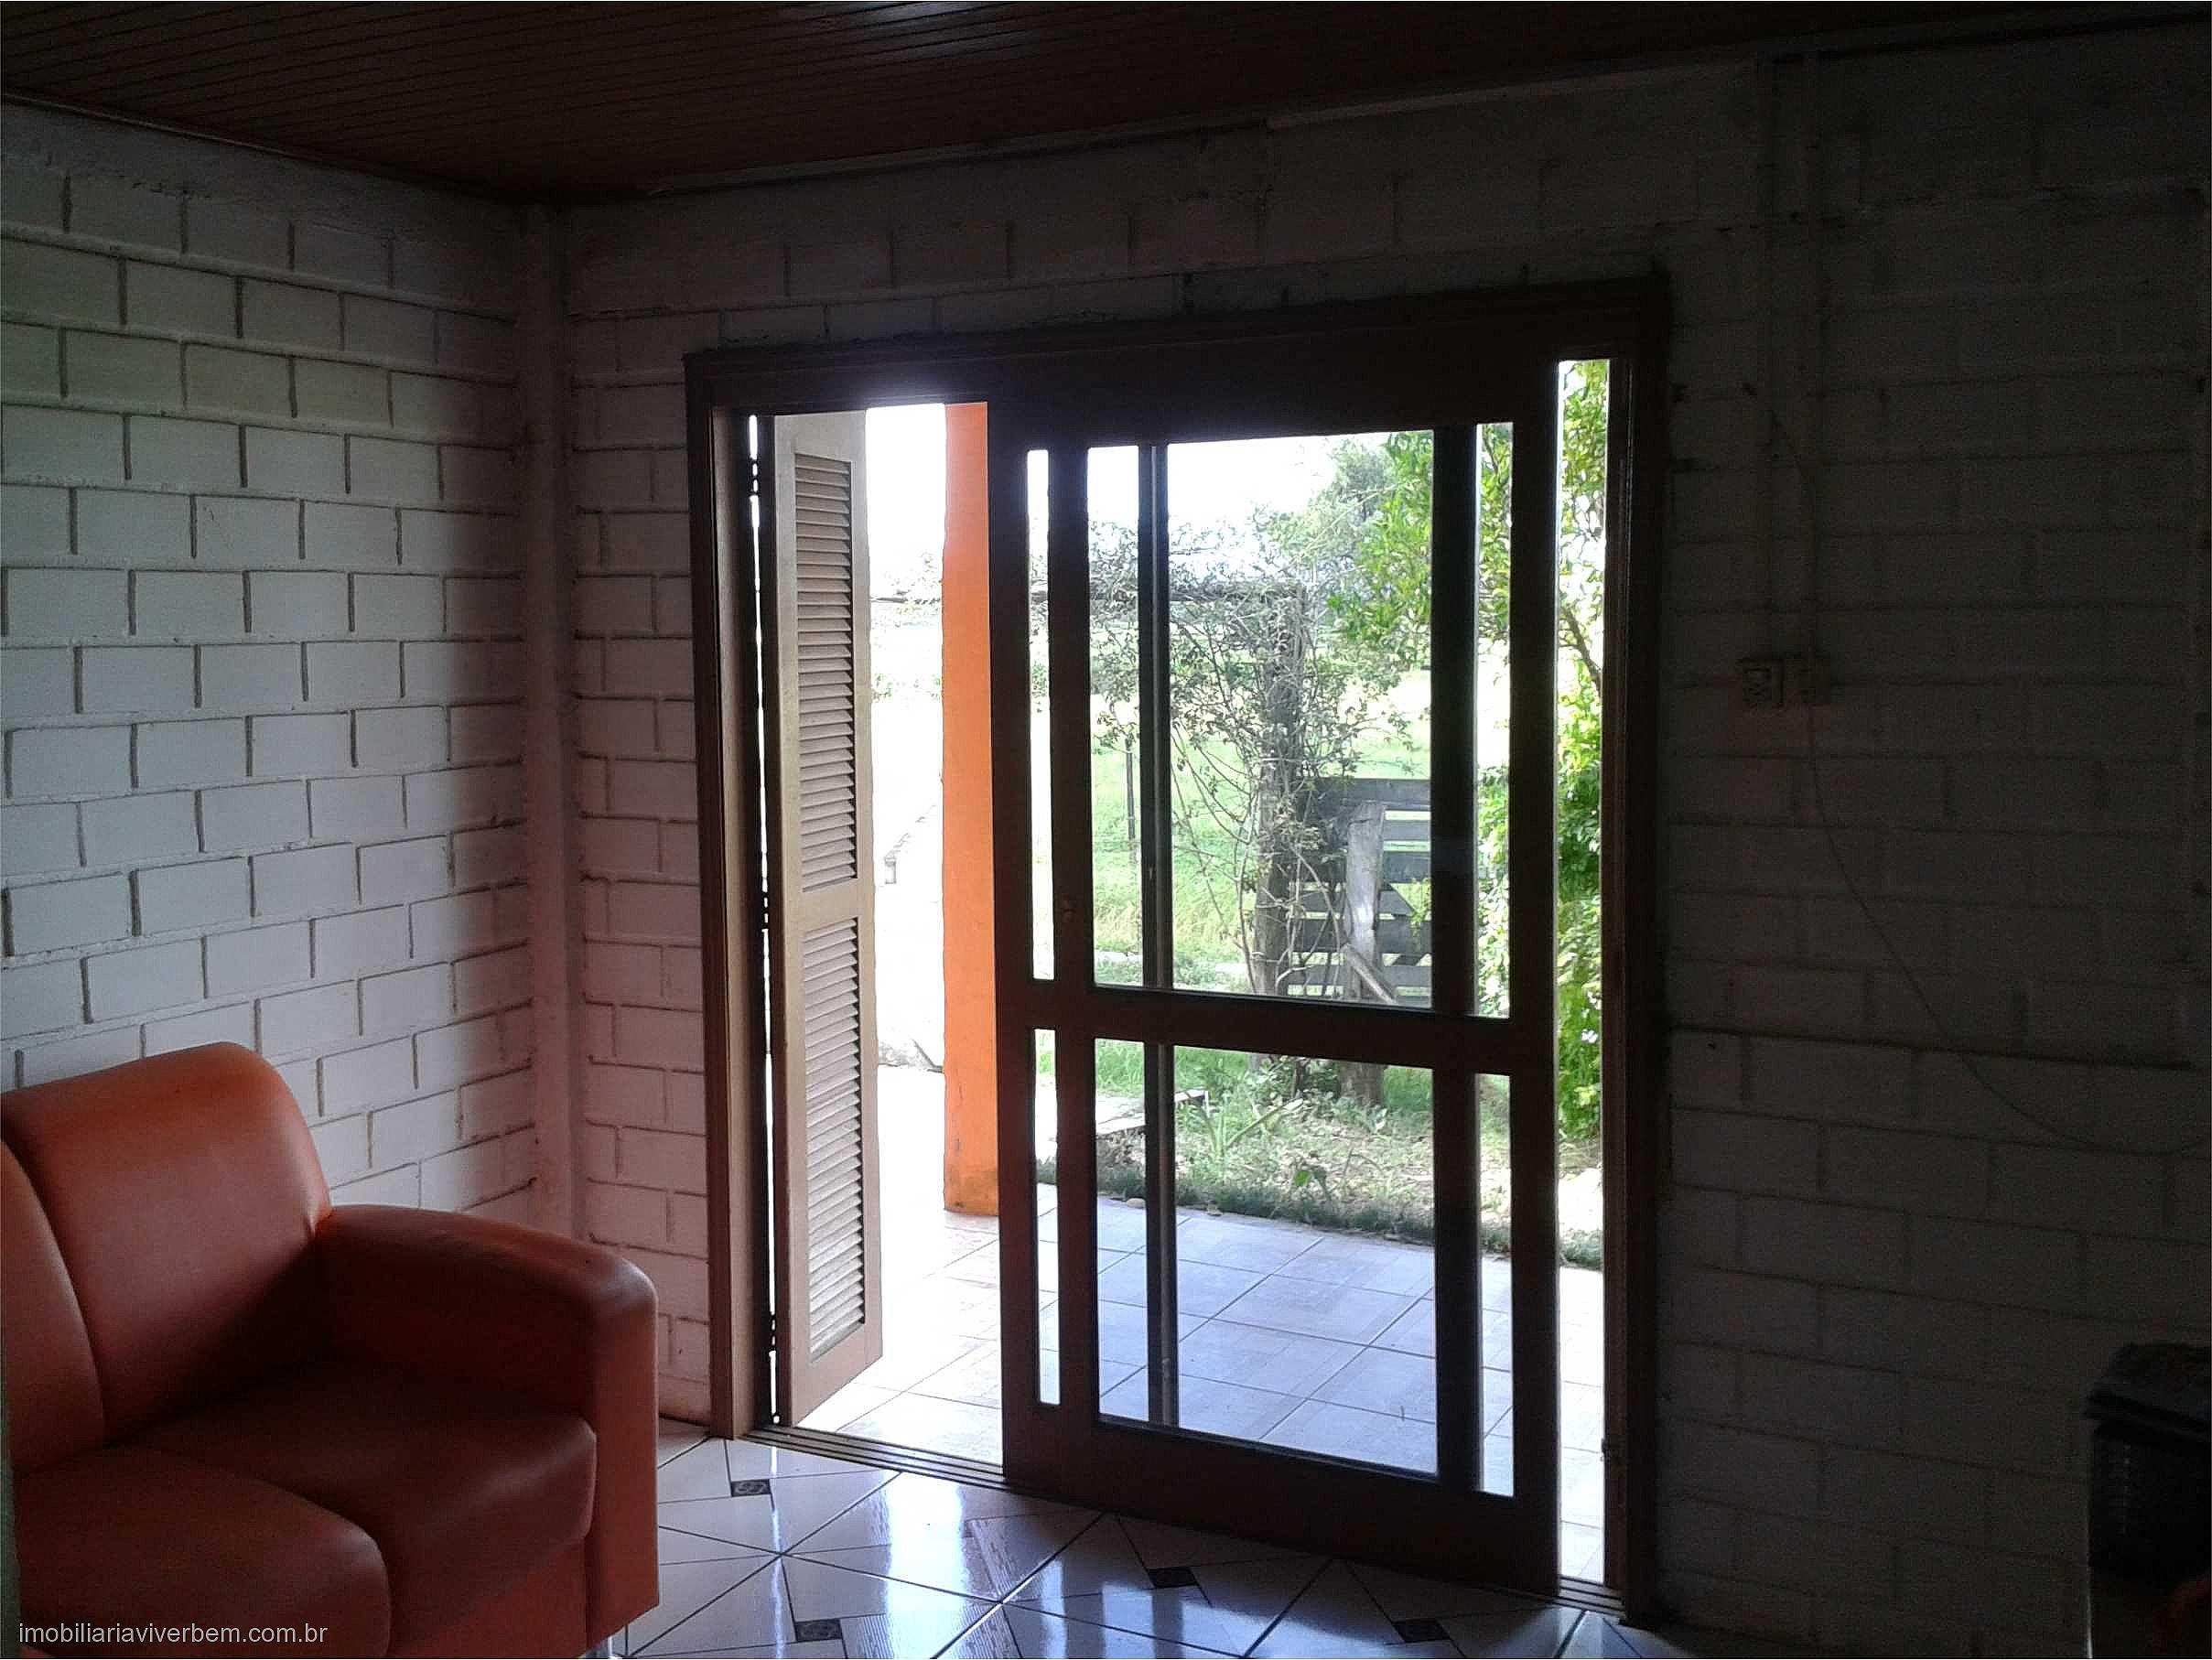 Viver Bem Imóveis - Casa 3 Dorm, Morretinho - Foto 5